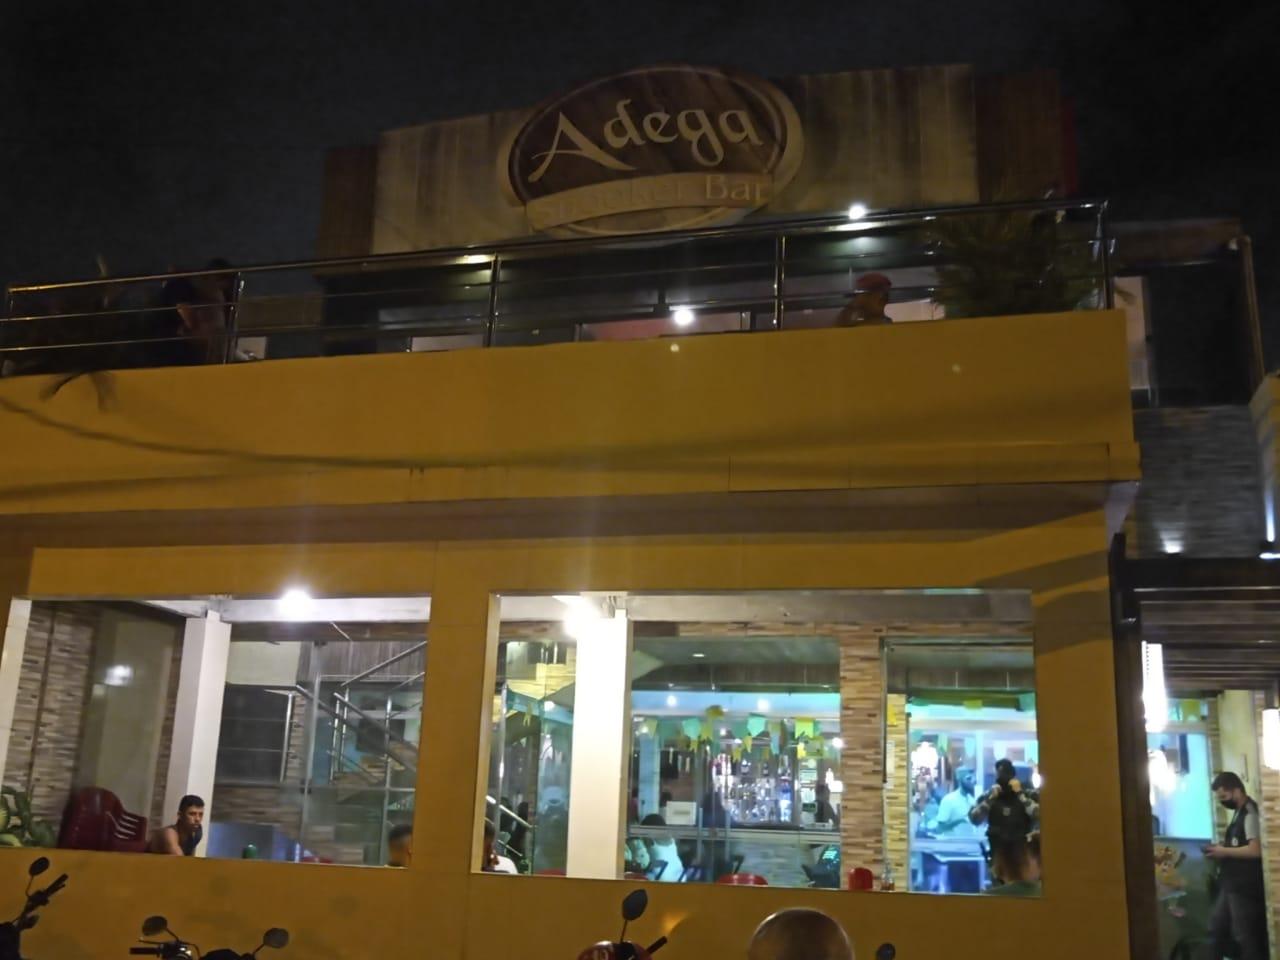 bar  - OPERAÇÃO PREVINA-SE: Bar é autuado e interditado por 5 dias por descumprimento de decretos contra a Covid-19